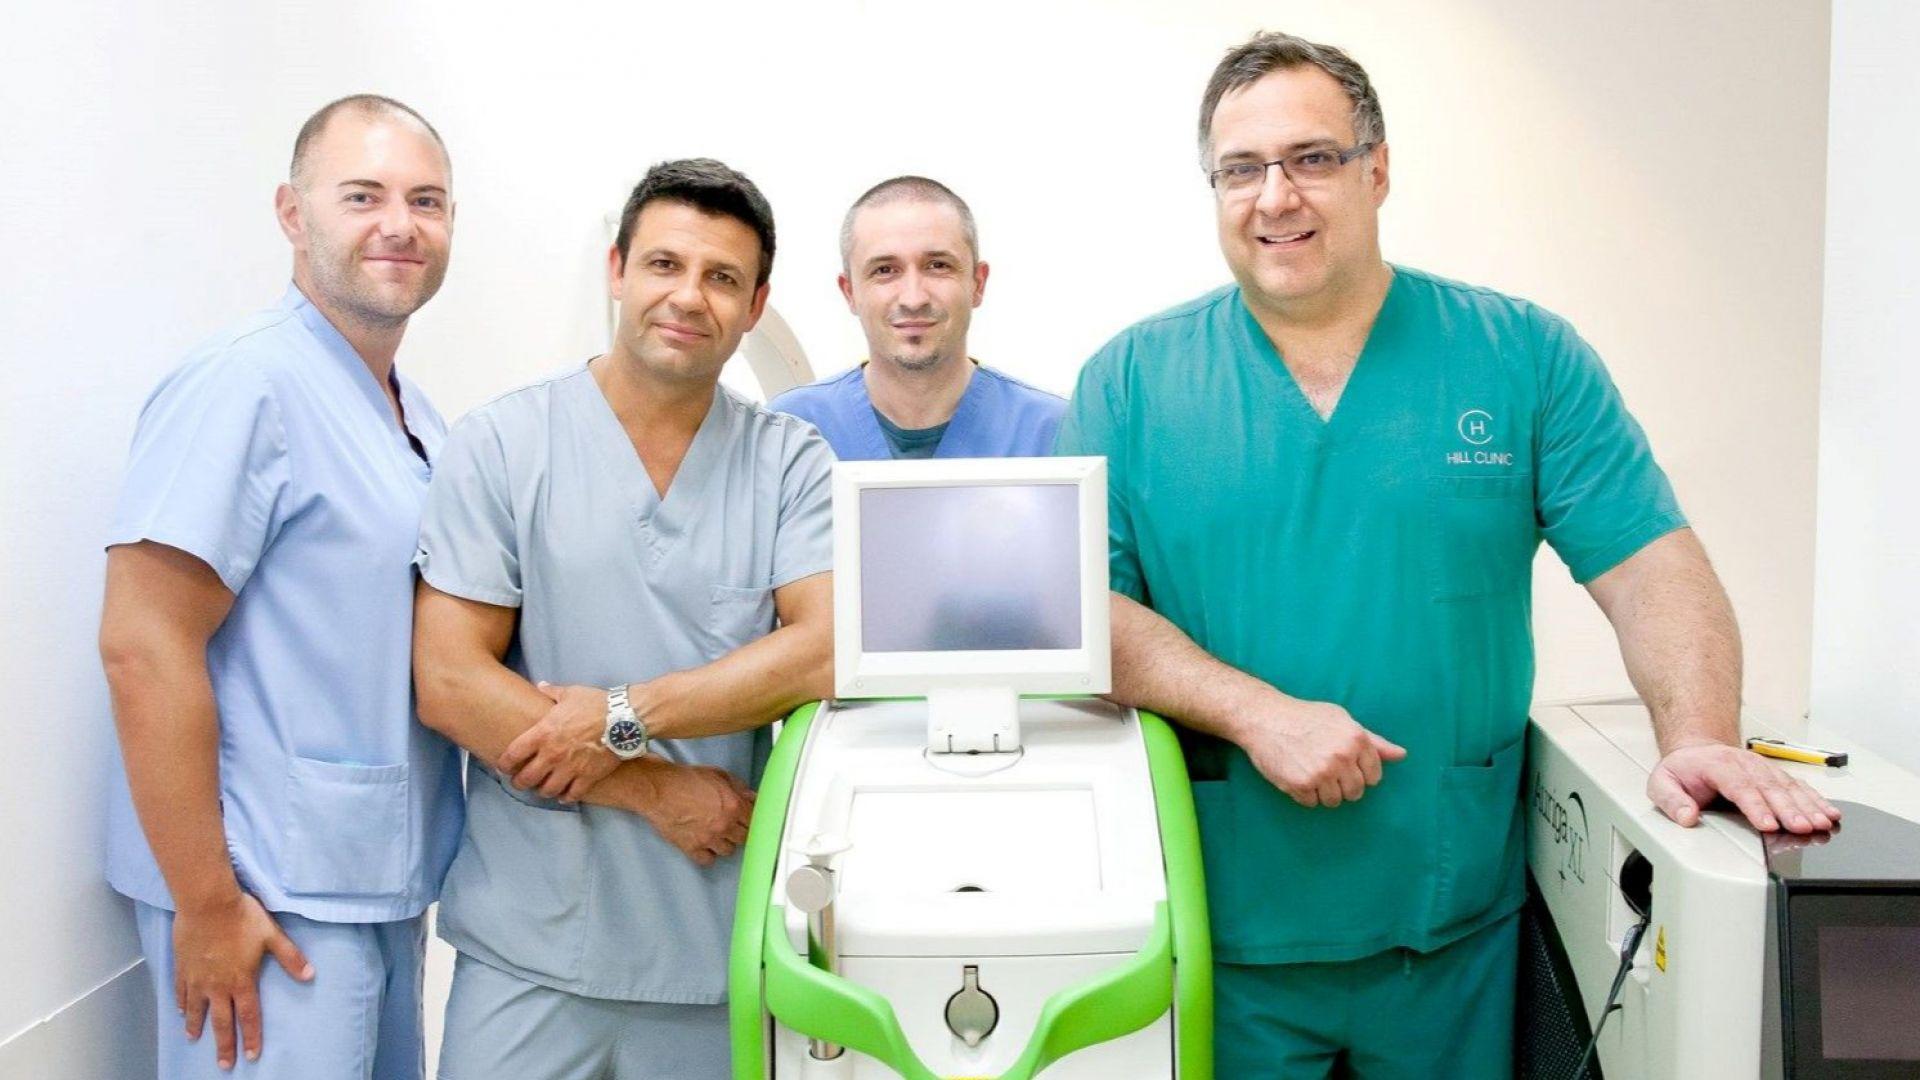 Съвременни технологии лекуват безкръвно увеличената простата